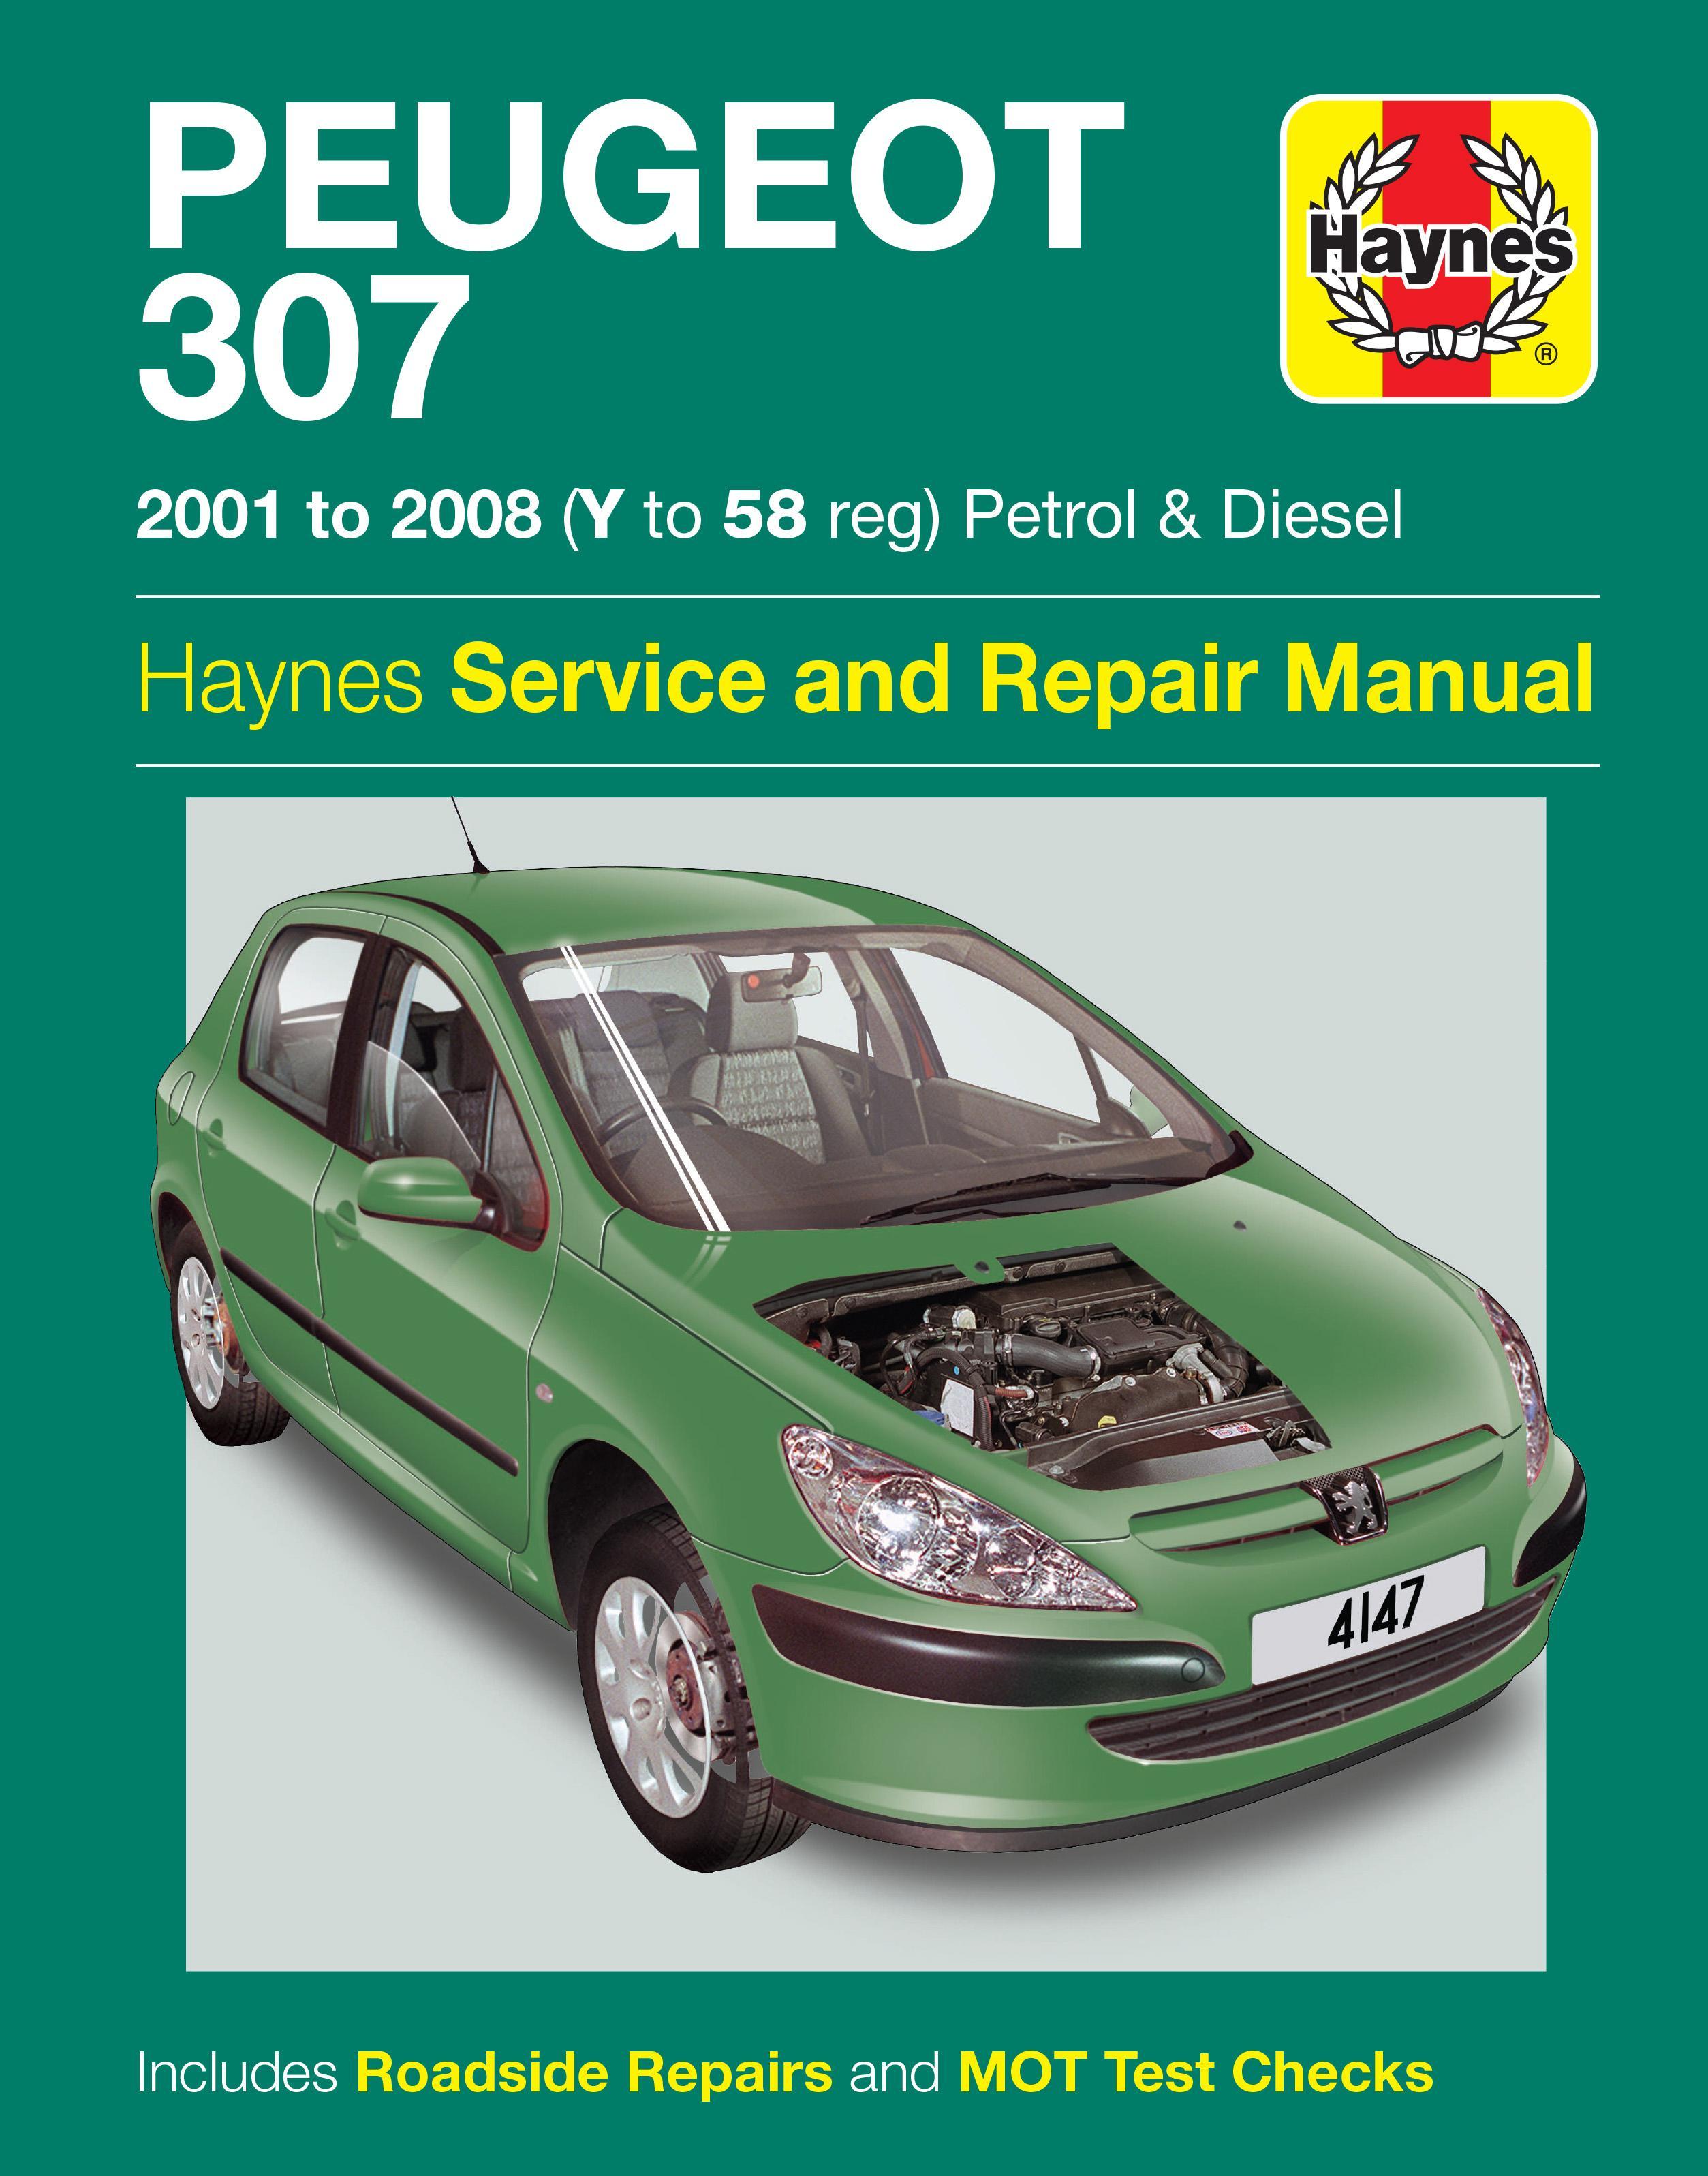 peugeot 307 cc 2004 owners manual free owners manual u2022 rh wordworksbysea com 1949 Chevrolet Car Owners Manual Mazda Car Owner Manual